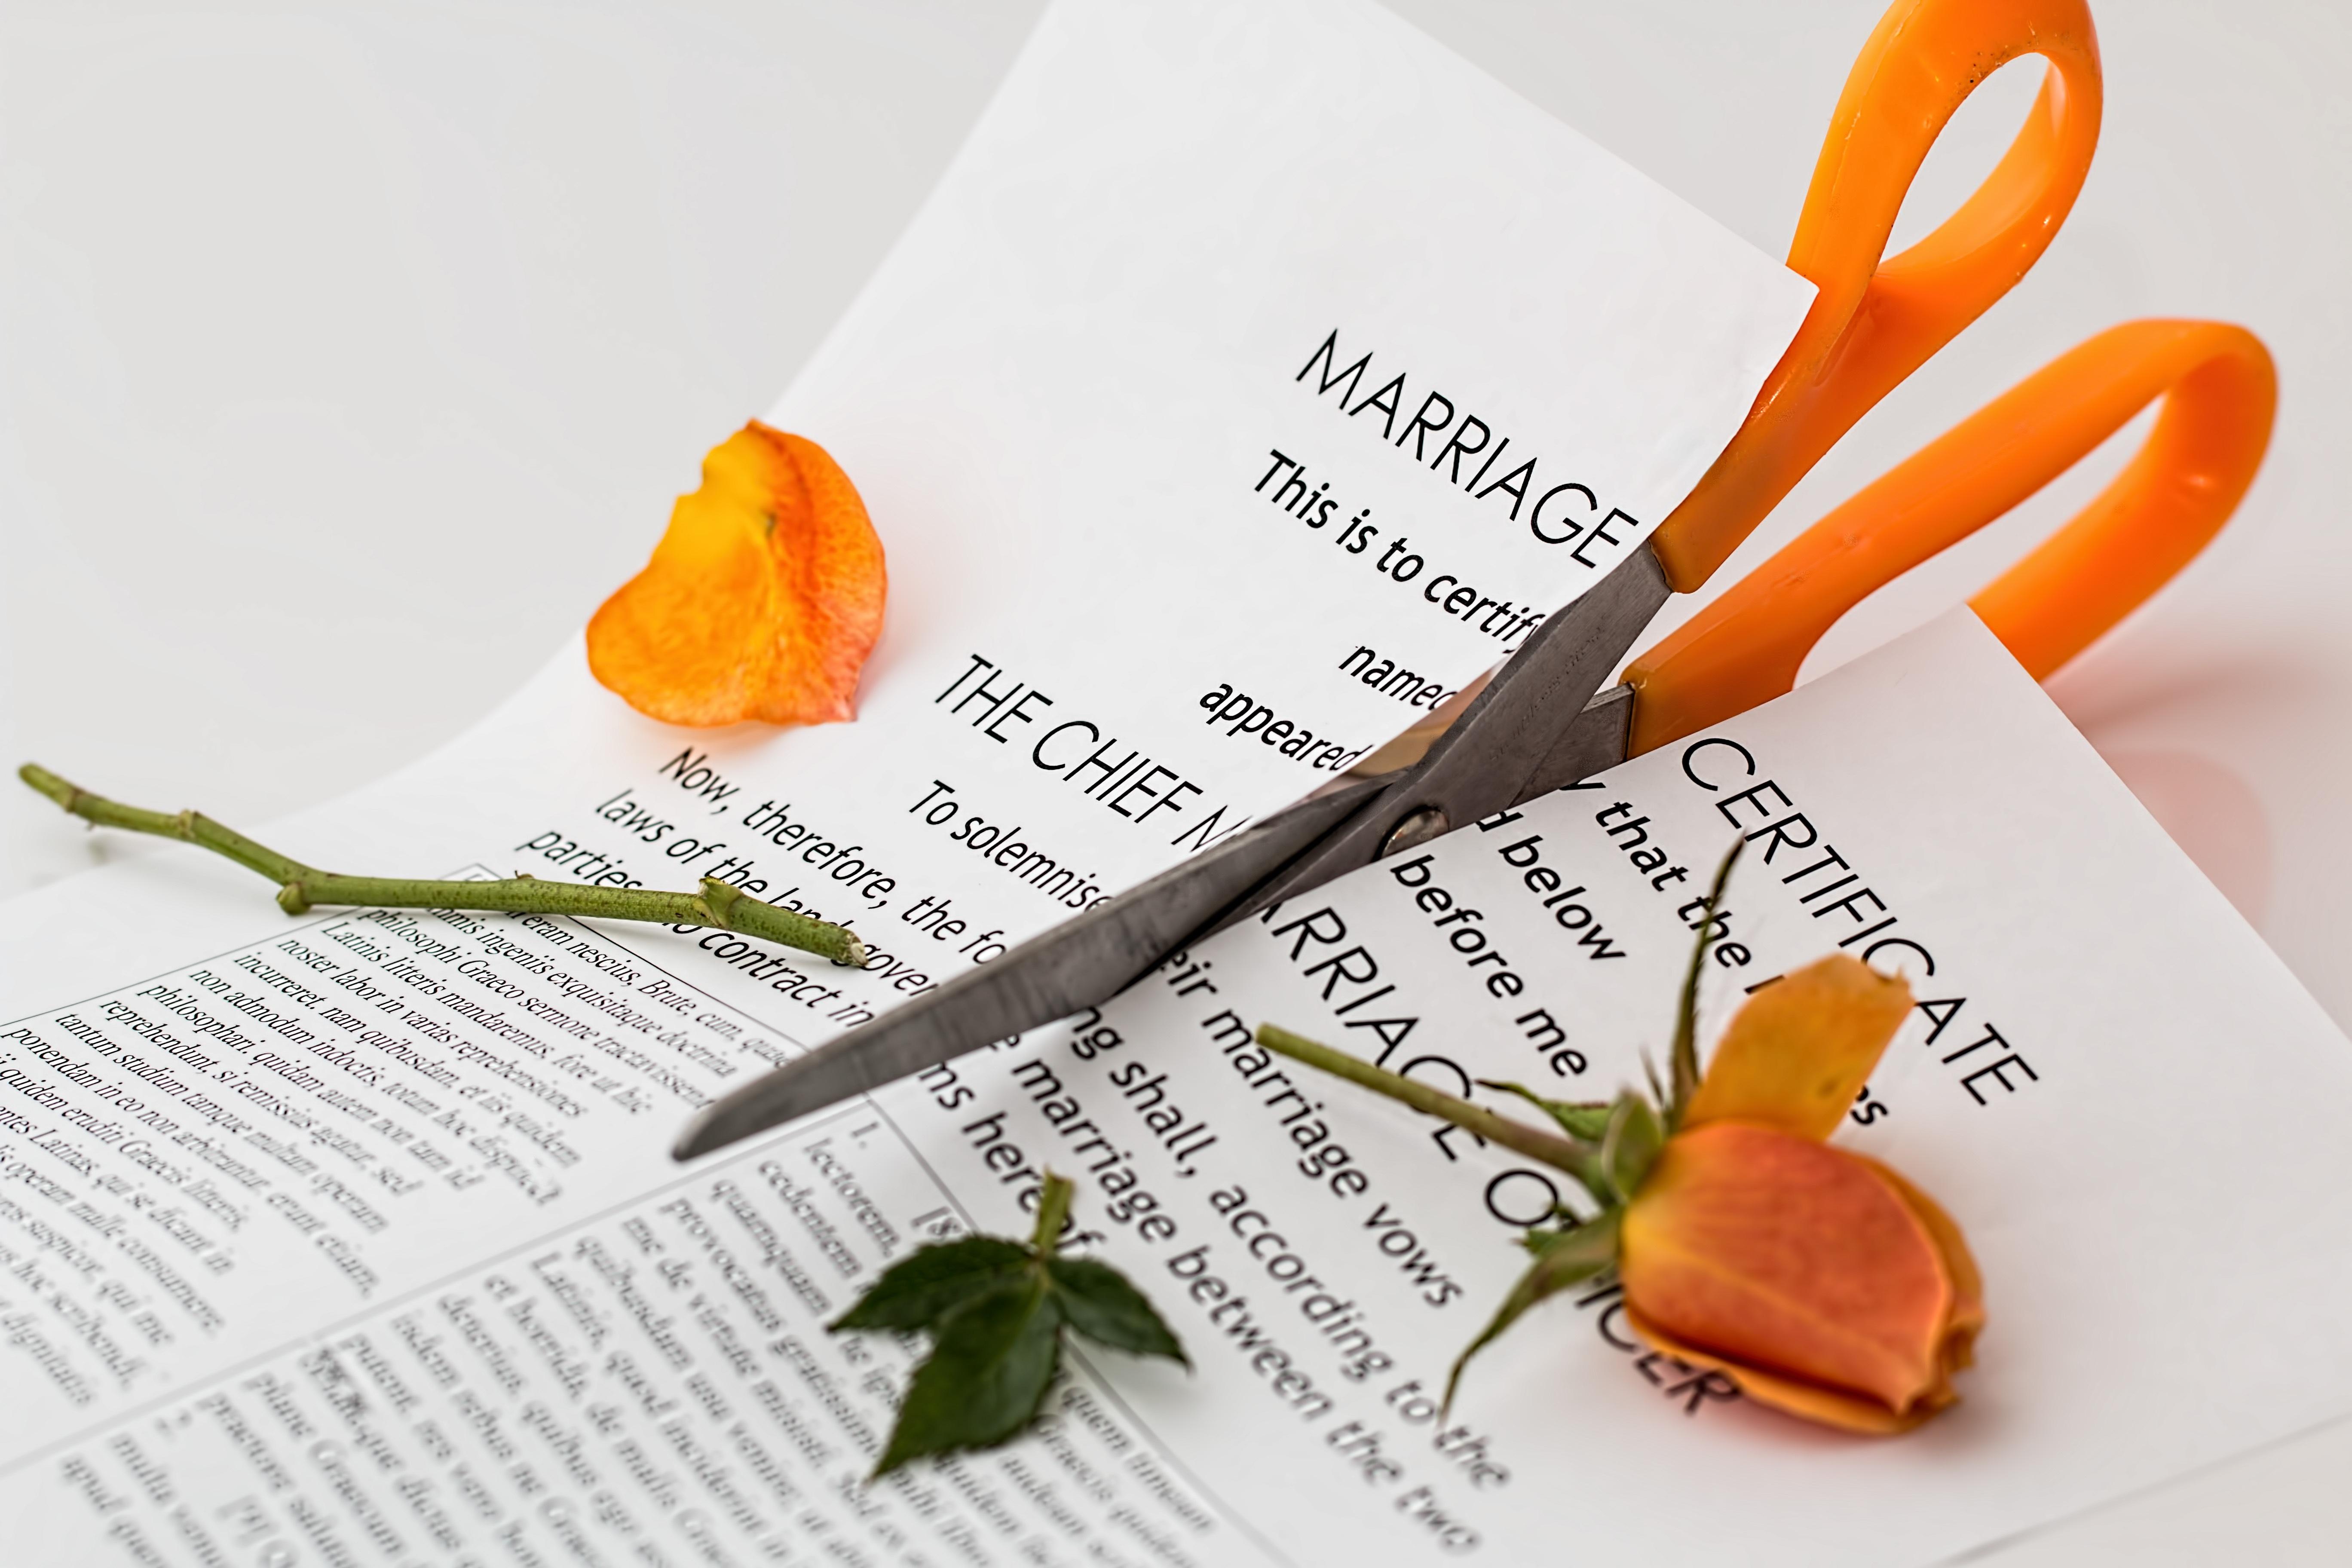 Ini Sikap yang Harus Kamu Ambil Ketika Kedua Orangtuamu Memutuskan untuk Bercerai